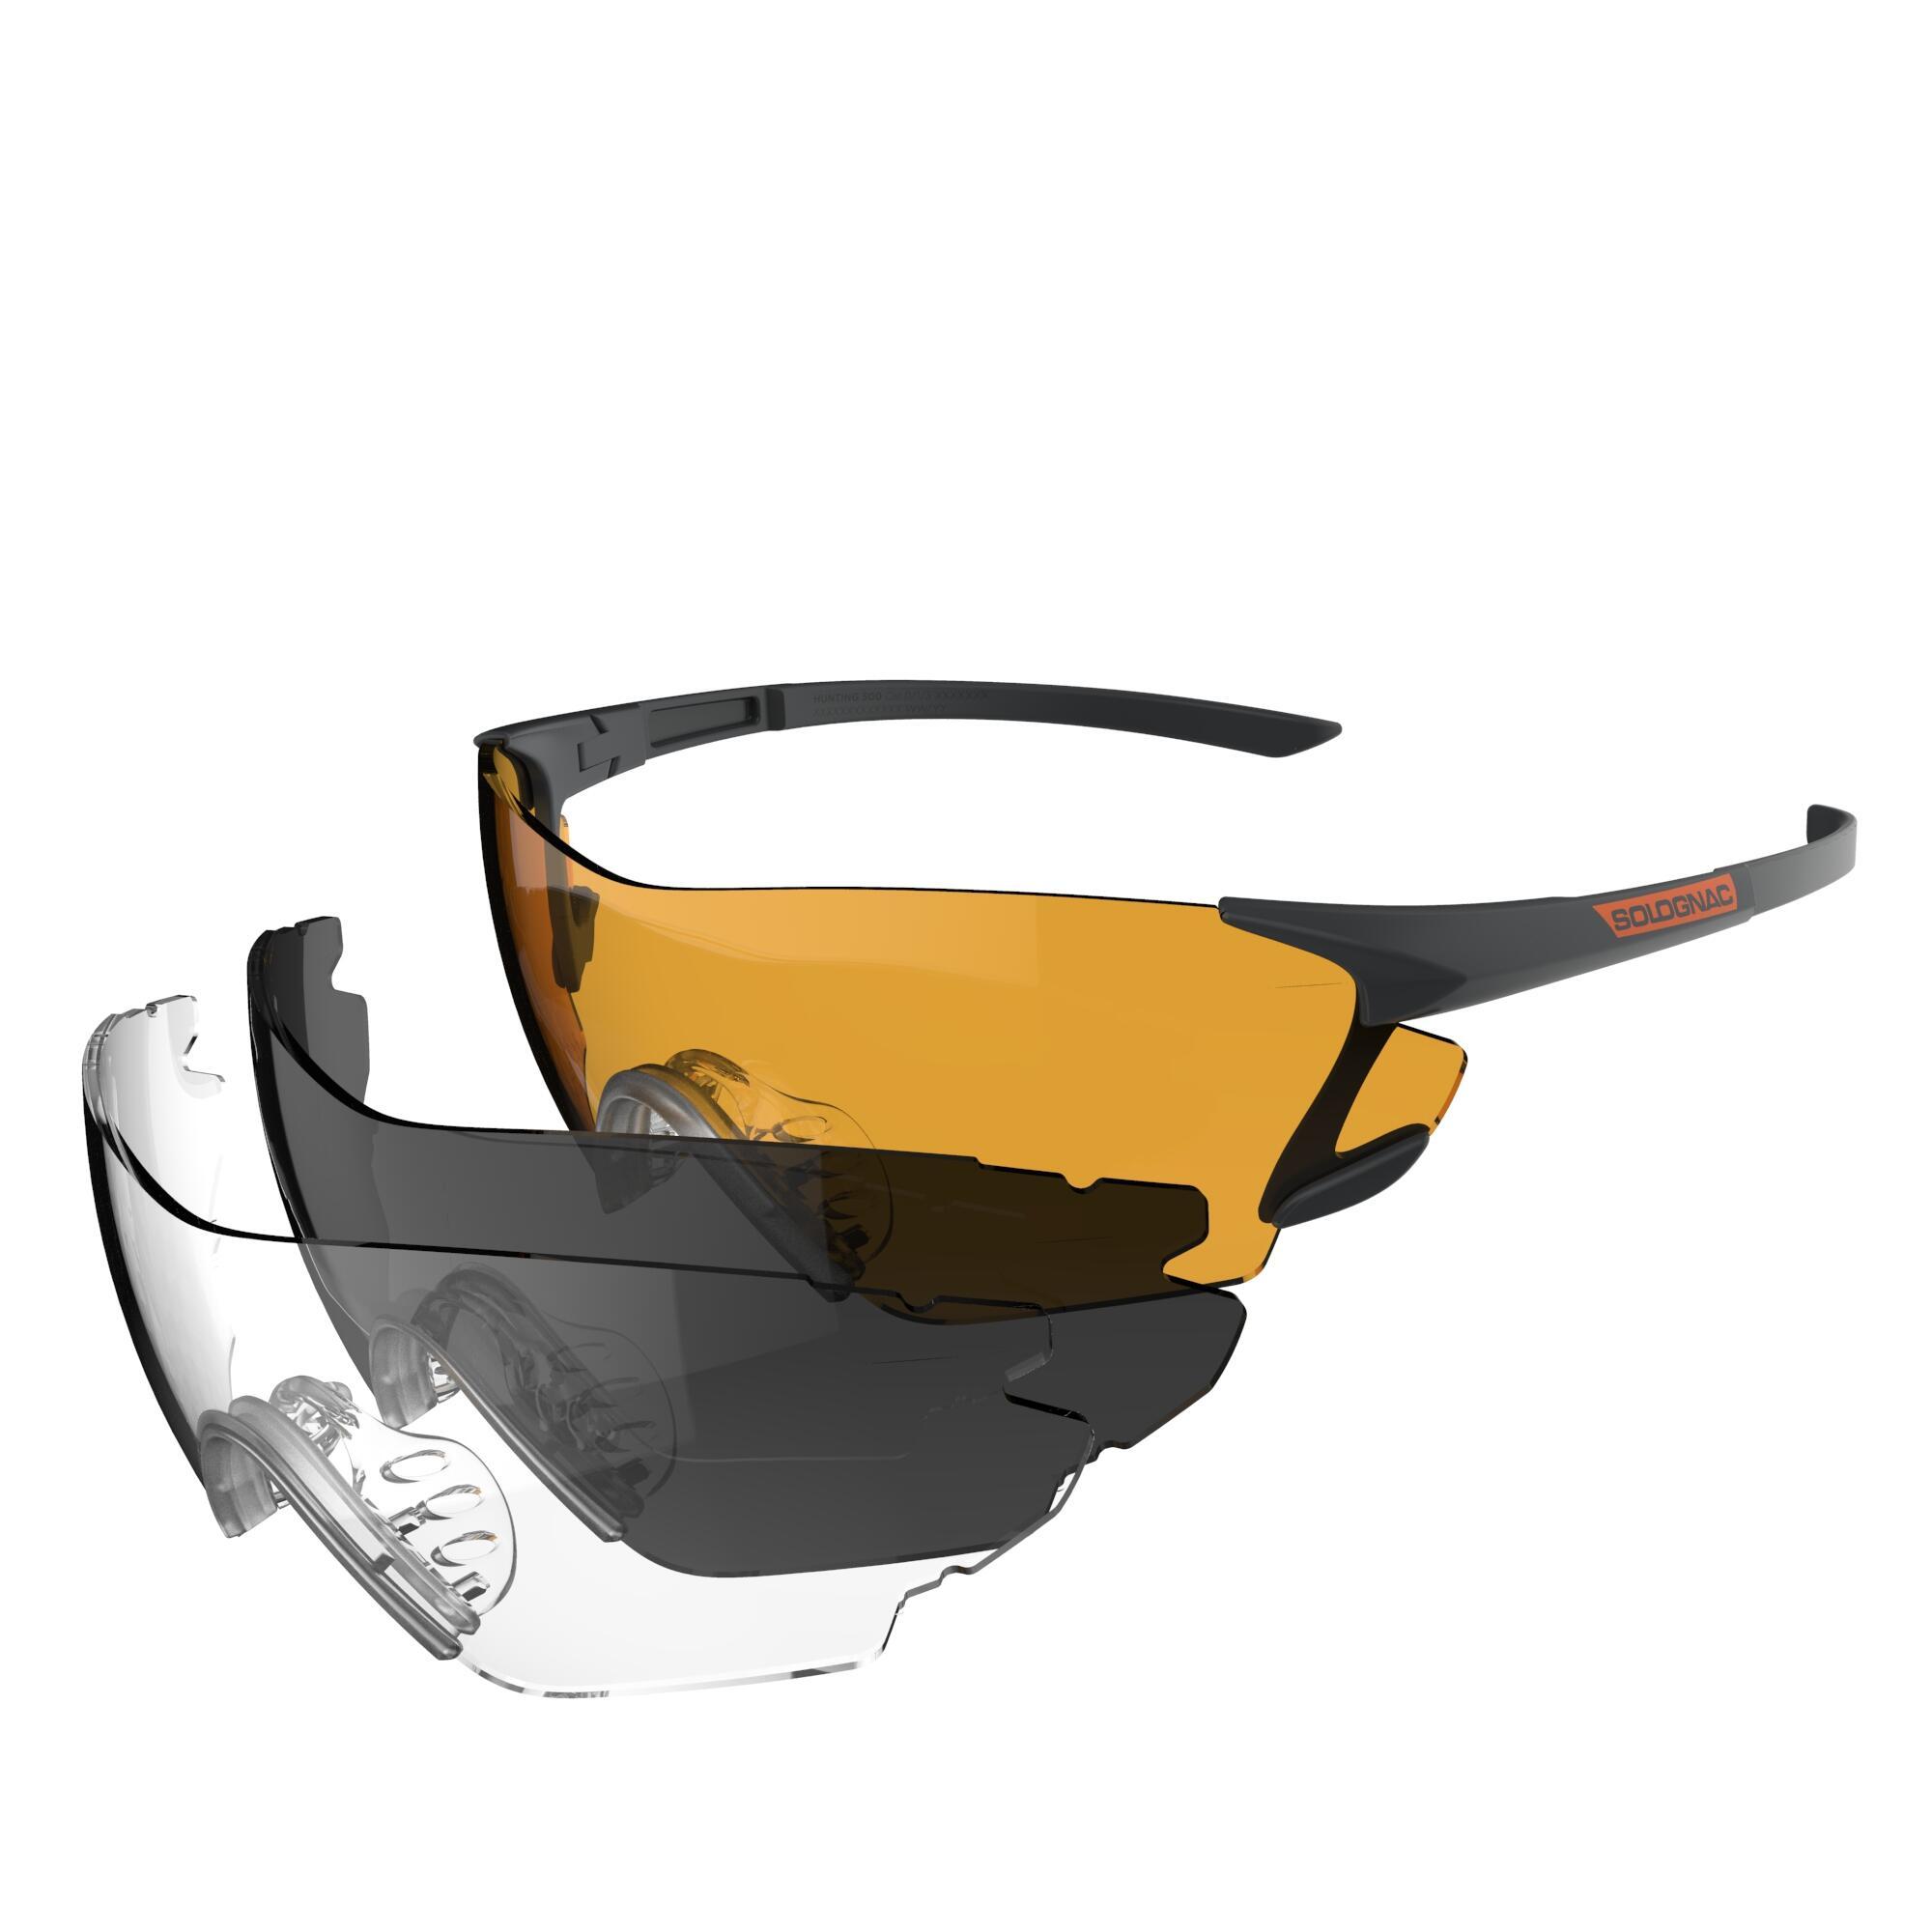 SOLOGNAC Kit occhiali protettivi TIRO A VOLO CLAY 100 PK3 3 lenti intercambiabili